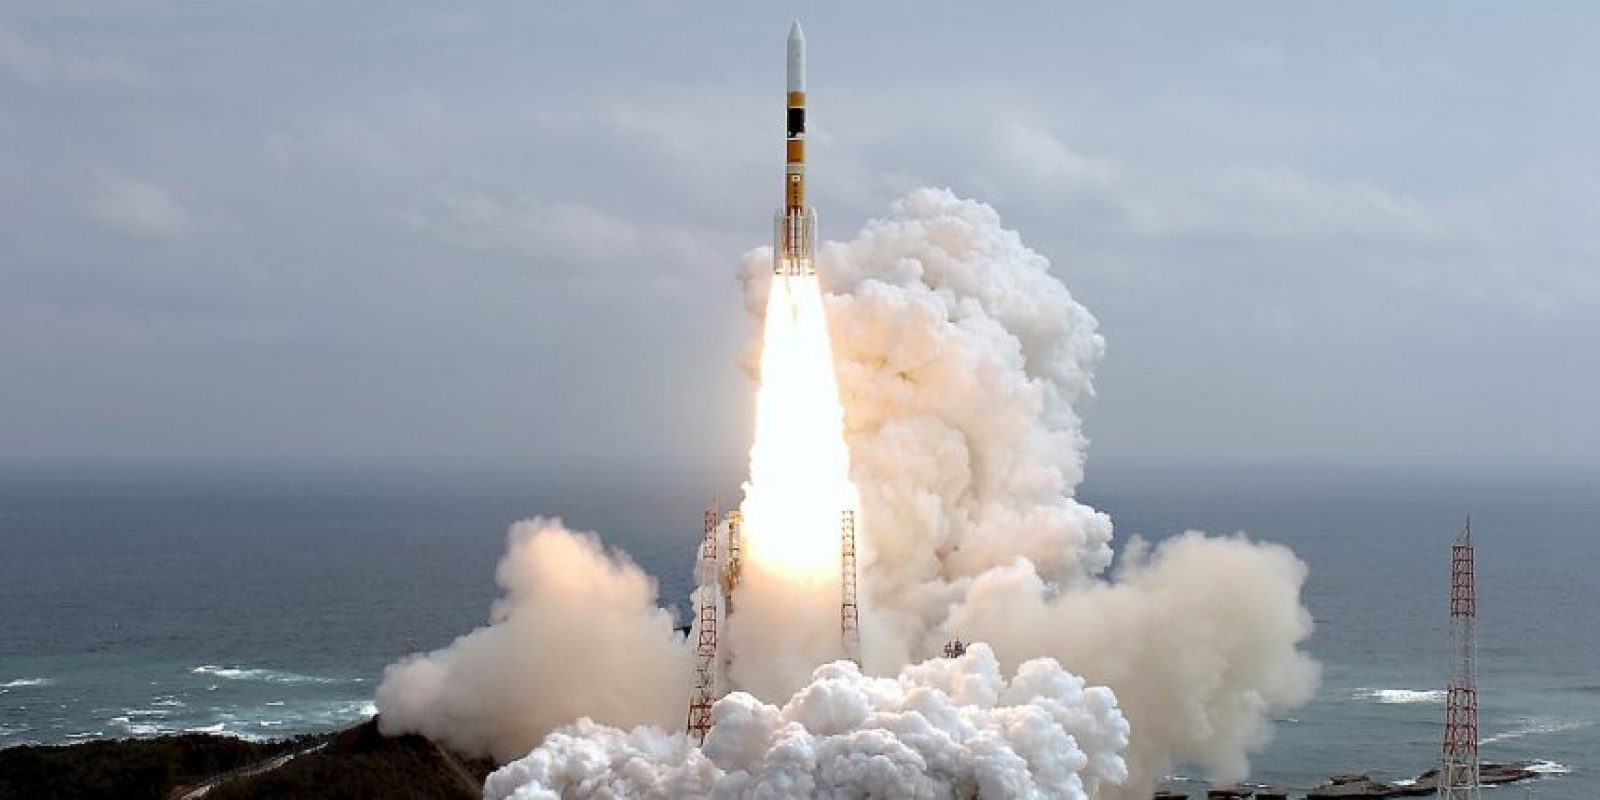 La primera misión japonesa bajo la JAXA fue el lanzamiento de un cohete H-2A, ocurrido en noviembre de 2003. Foto:Getty Images